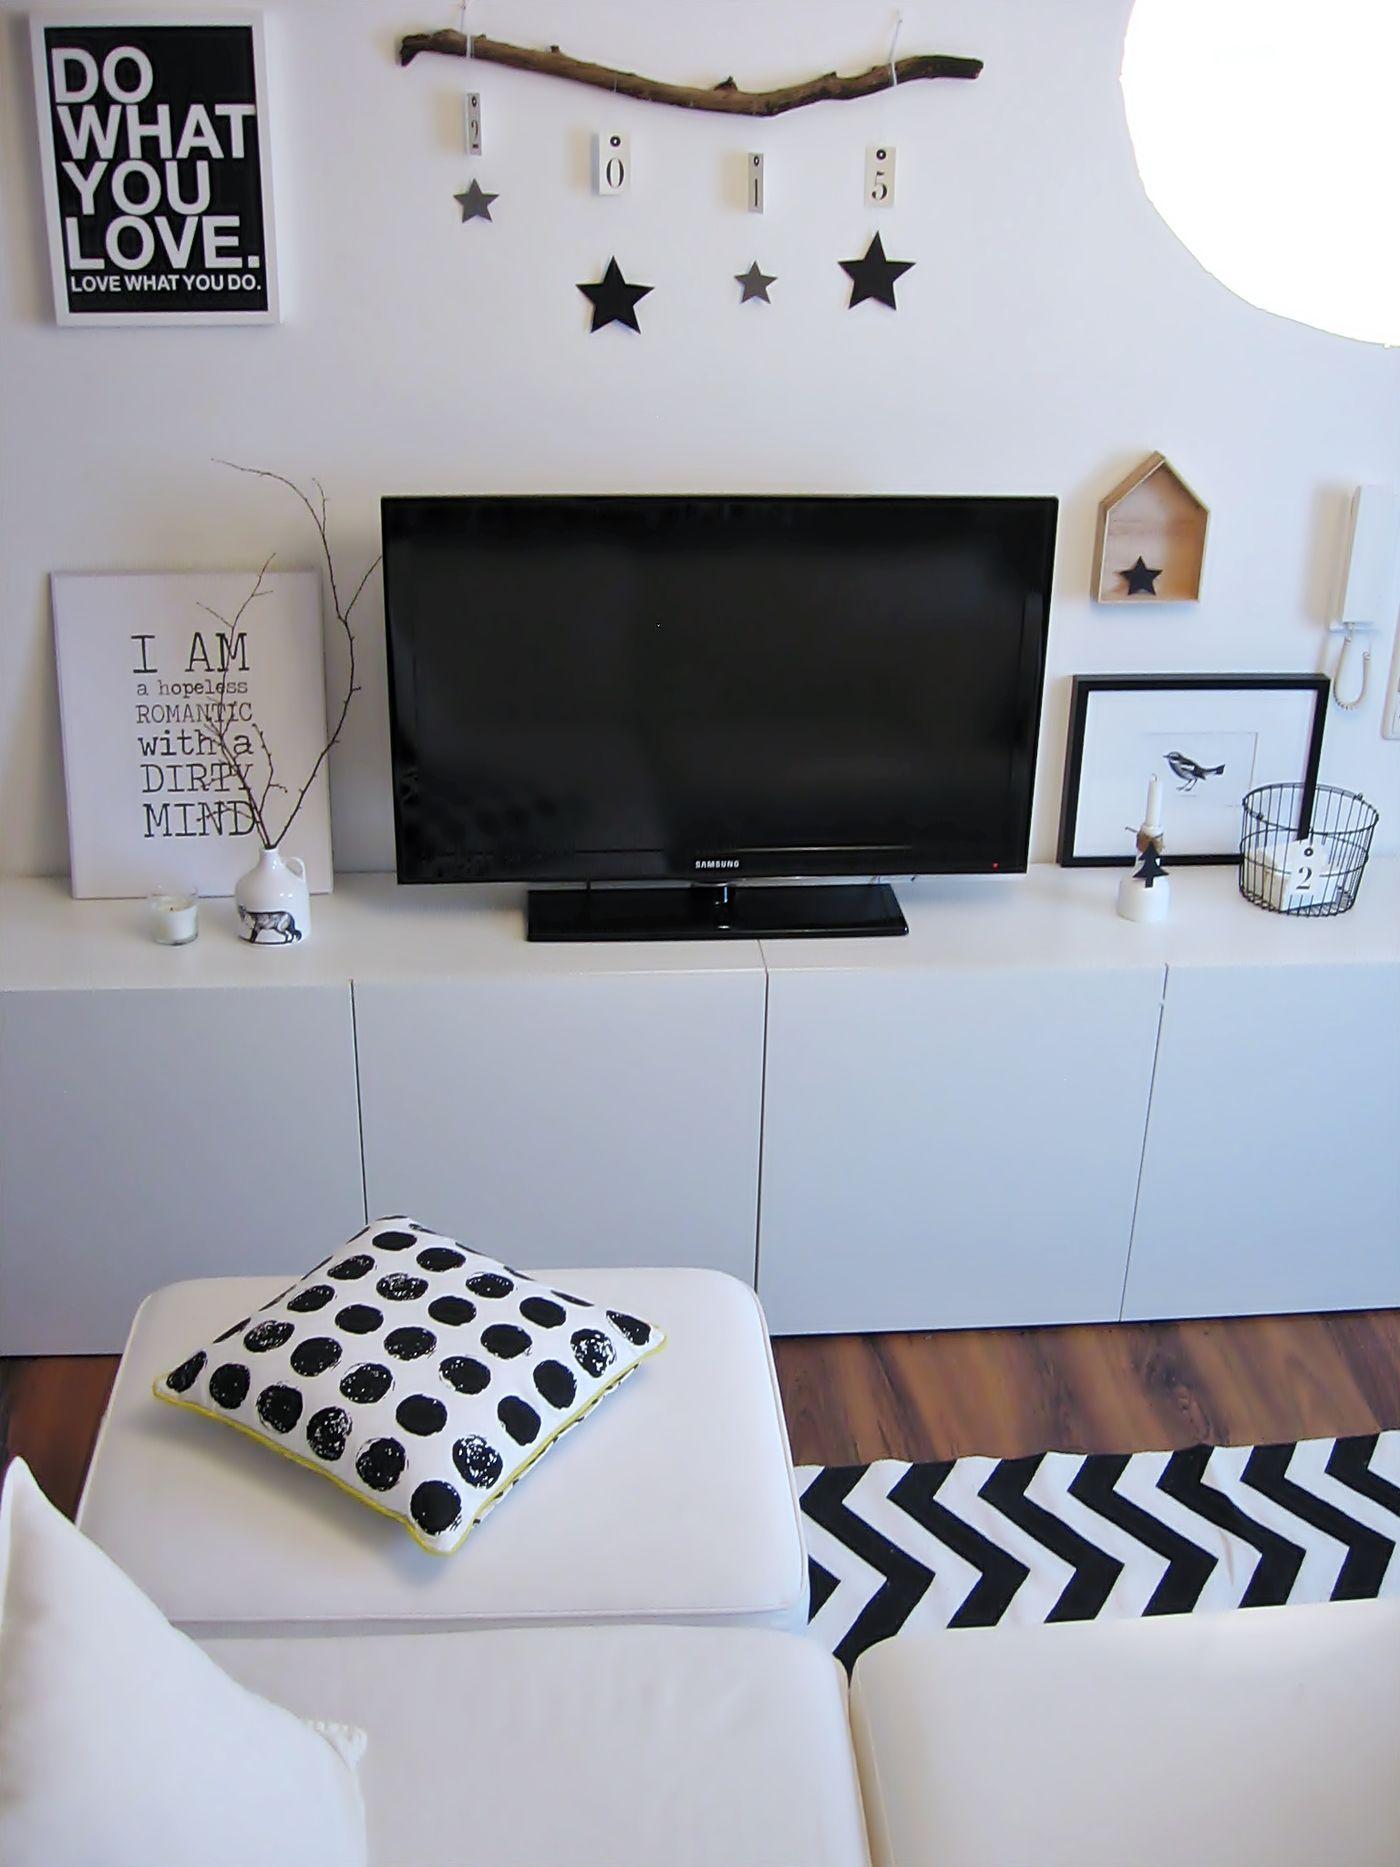 Ikea Ribba Bilderrahmen: Ideen & Bilder - Seite 6